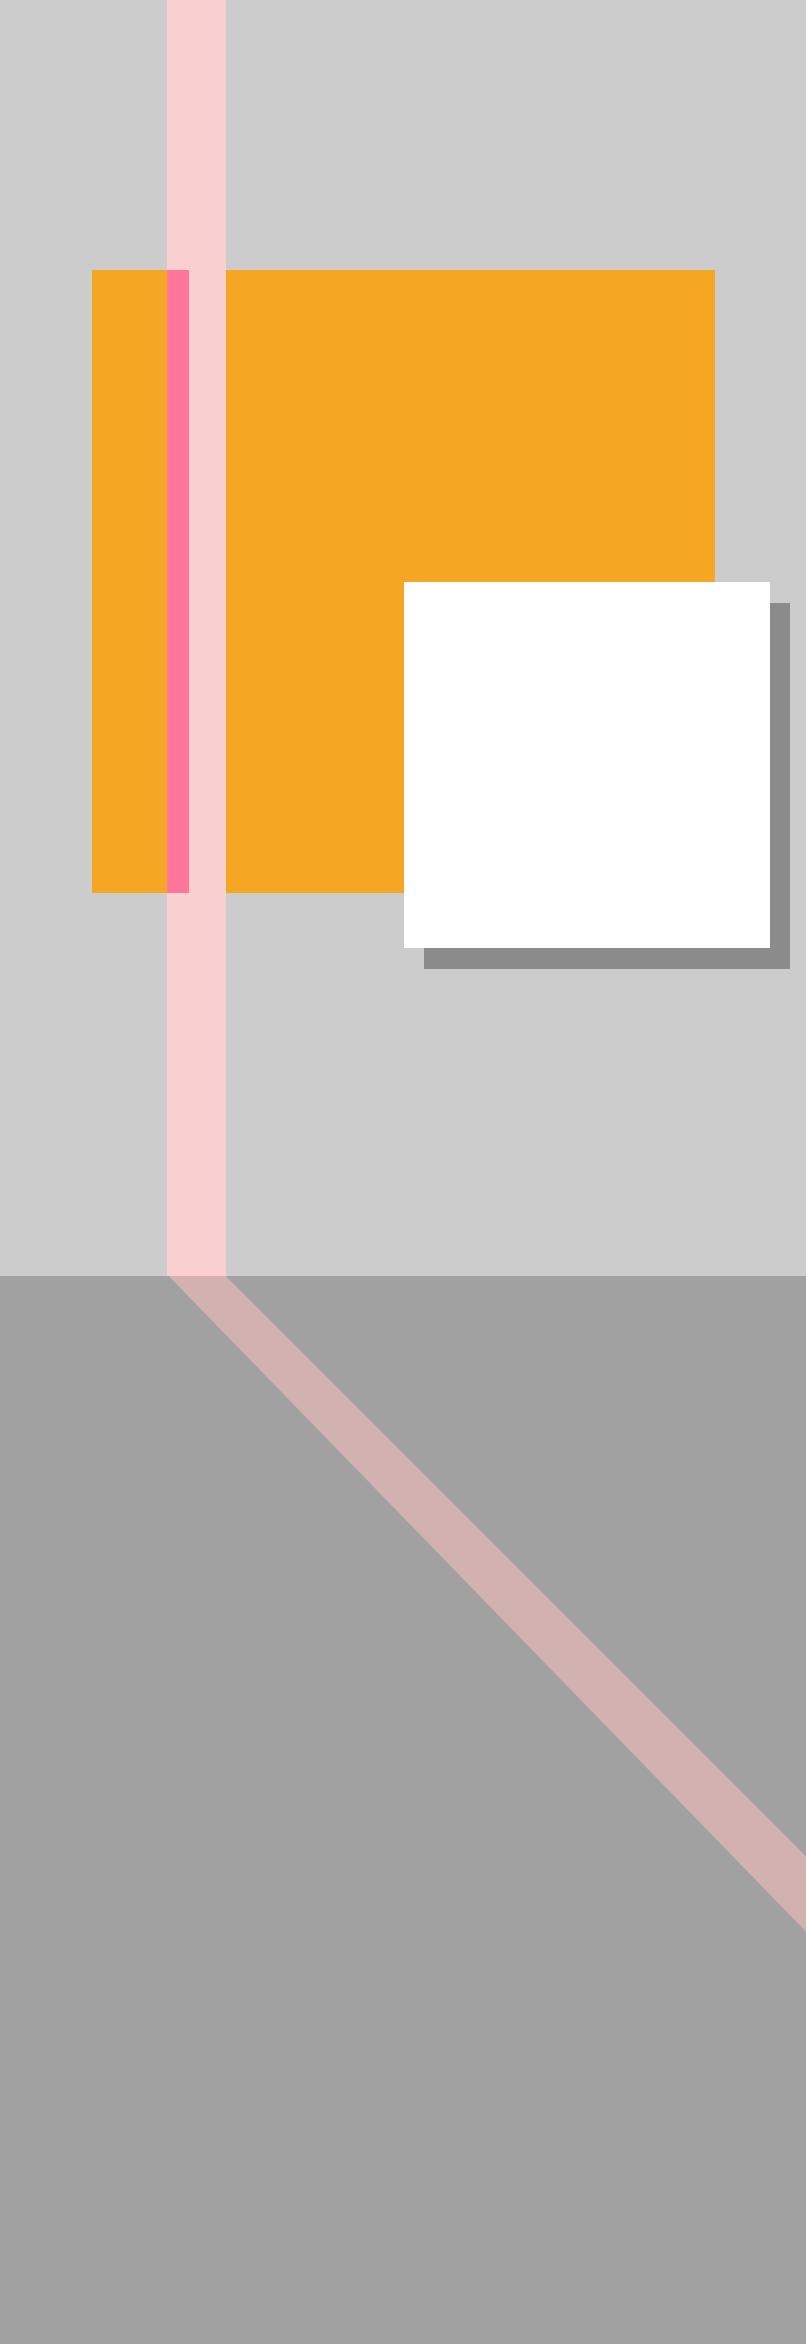 Artboard Copy 4.png